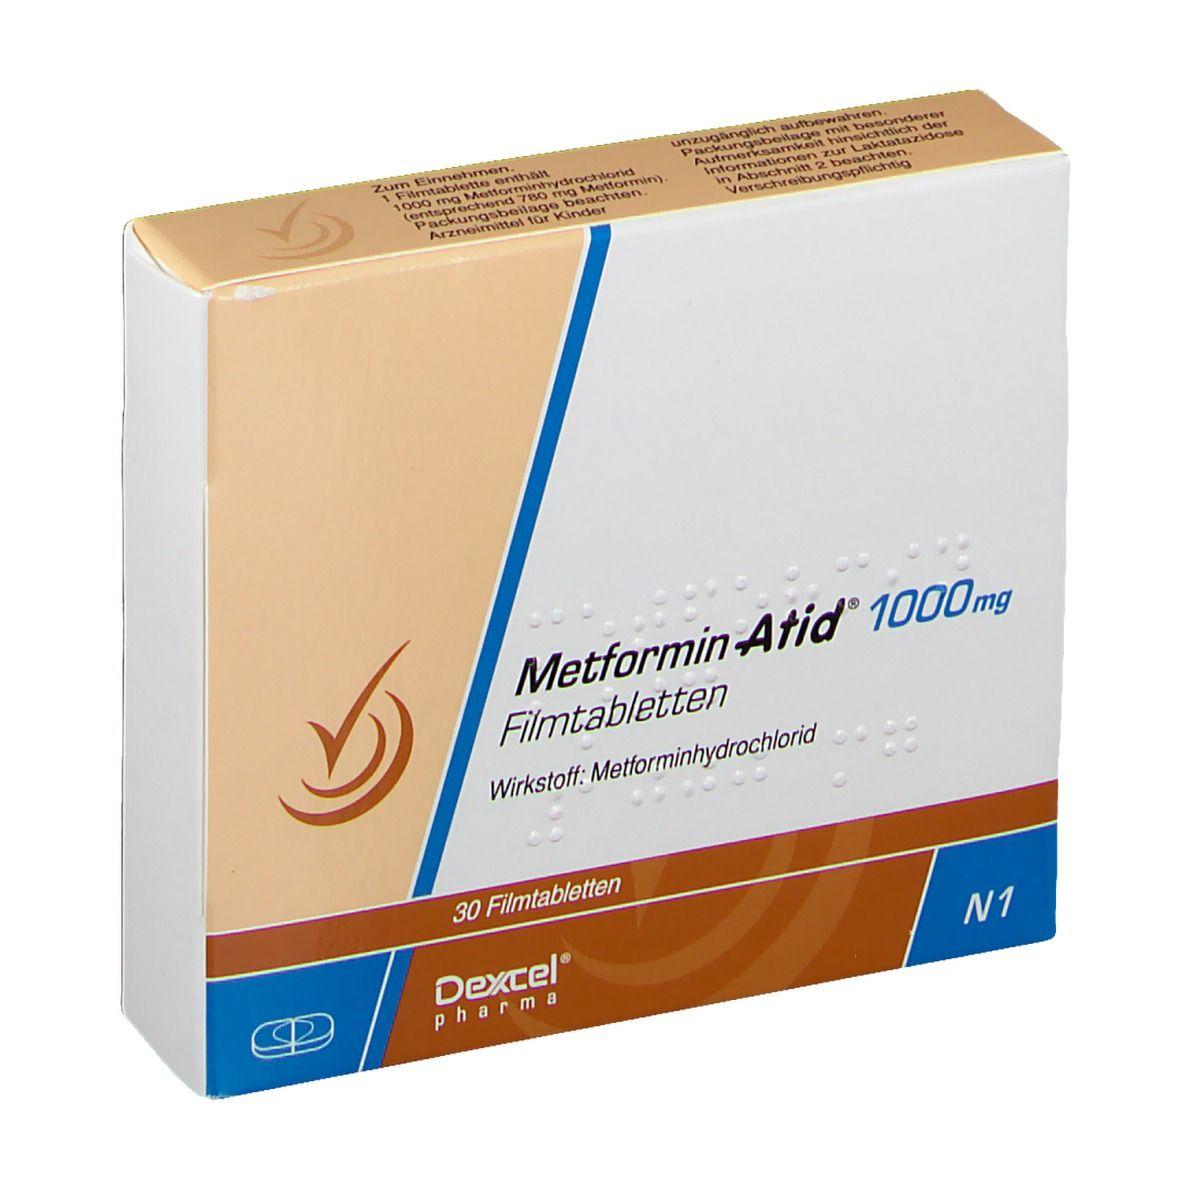 METFORMIN Atid 1000 mg Filmtabletten